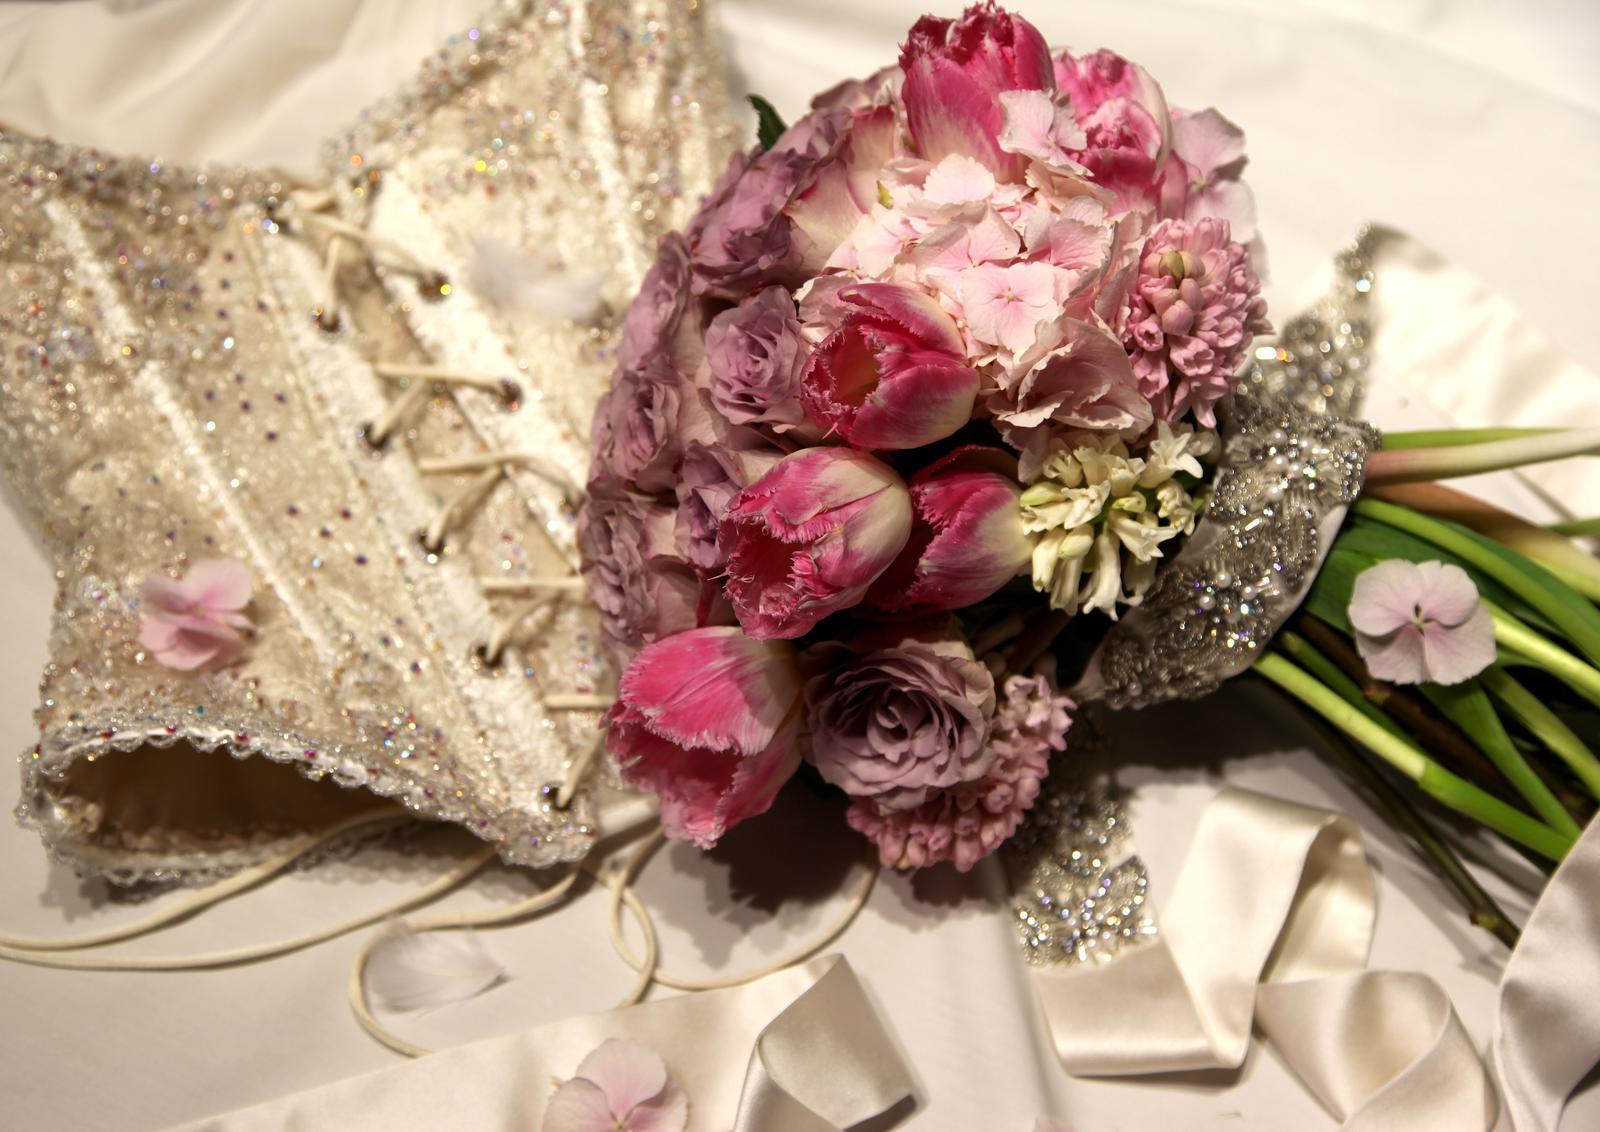 Zverte svoju kvetinovú výzdobu... - Obrázok č. 1